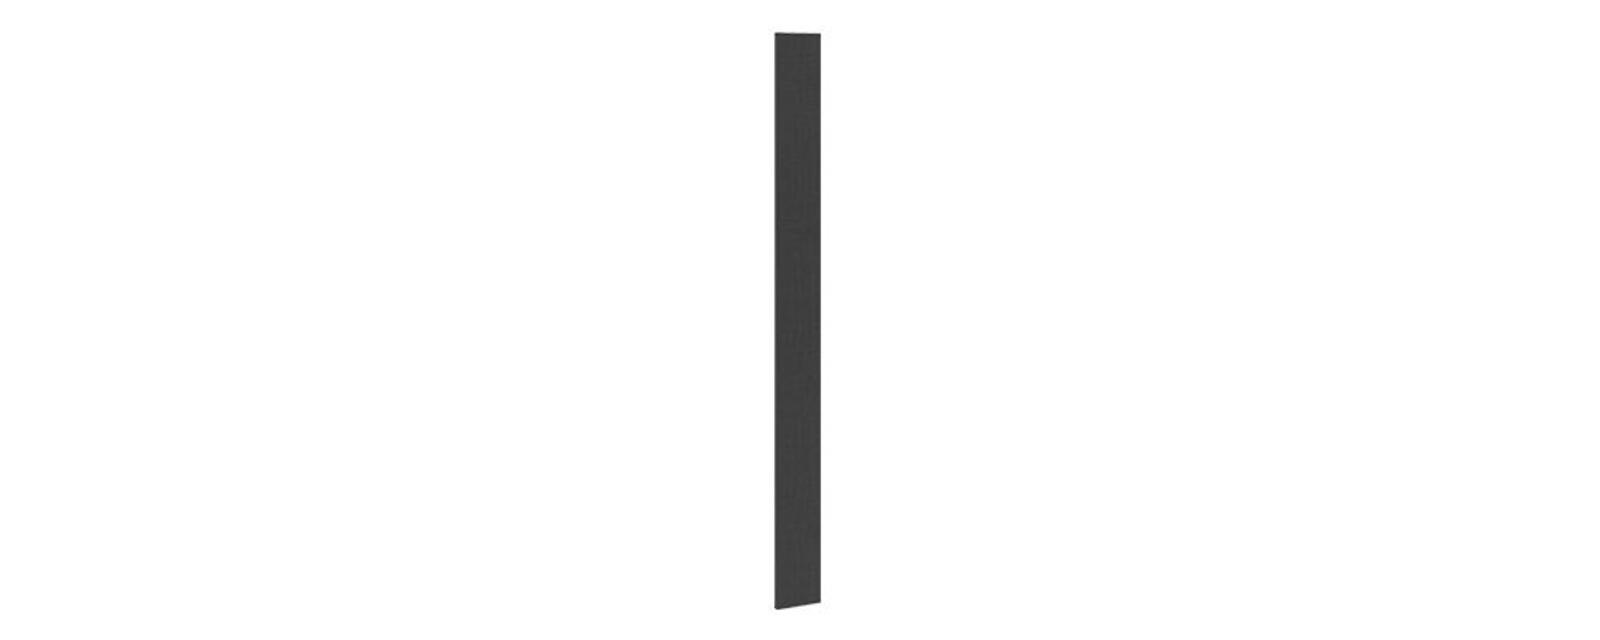 Наполнение для шкафов Лира (каттхилт/тексит)